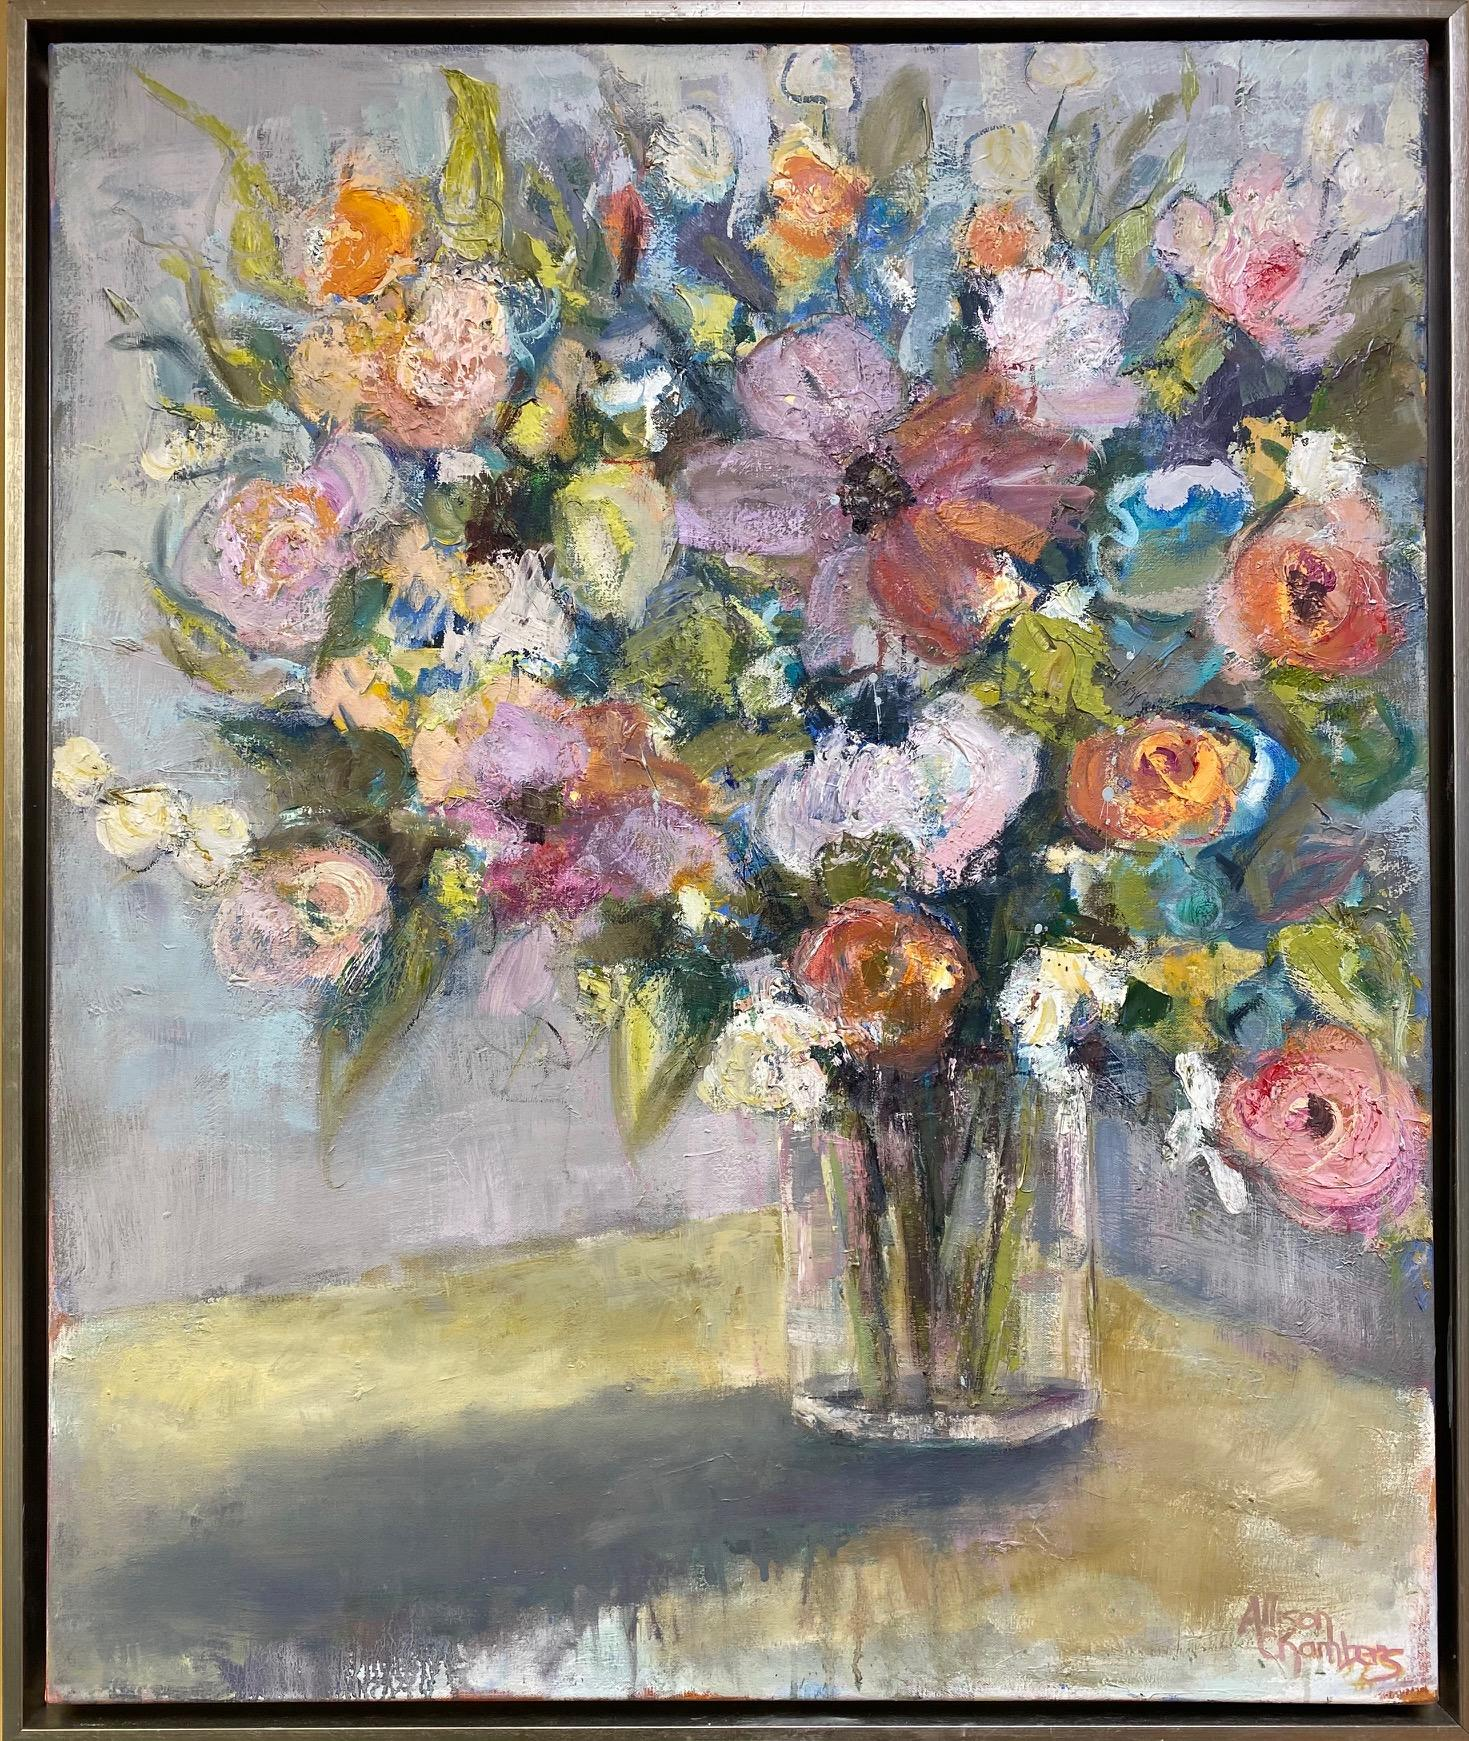 Rhythmn and Blues, original 36x30 impressionist floral still life